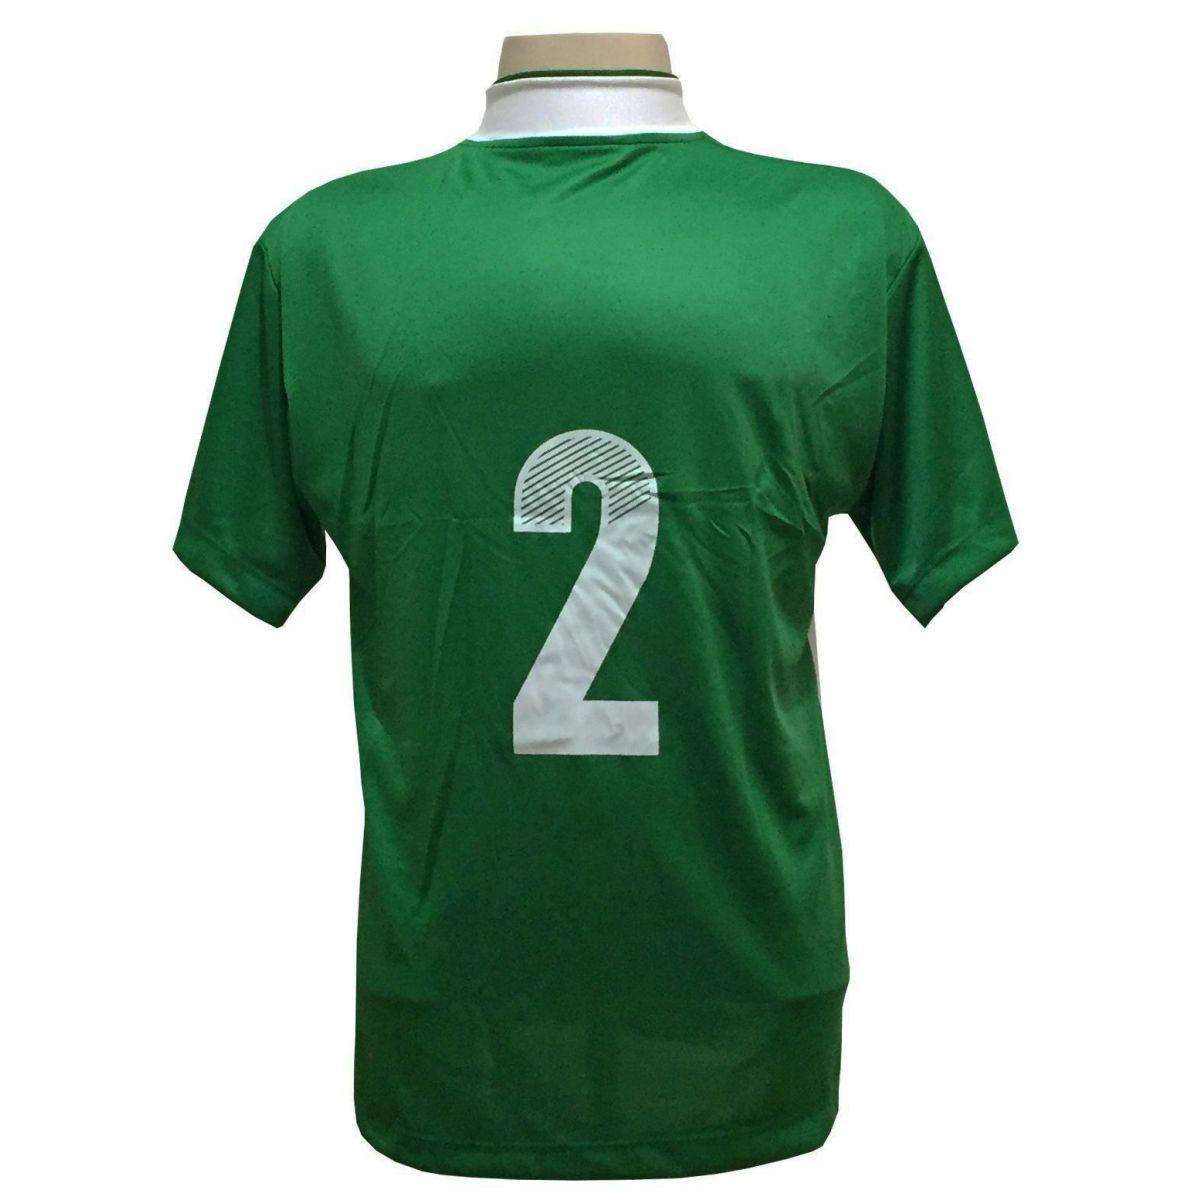 Uniforme Esportivo com 14 camisas modelo Suécia Verde/Branco + 14 calções modelo Madrid Verde + 14 pares de meiões Branco   - ESTAÇÃO DO ESPORTE